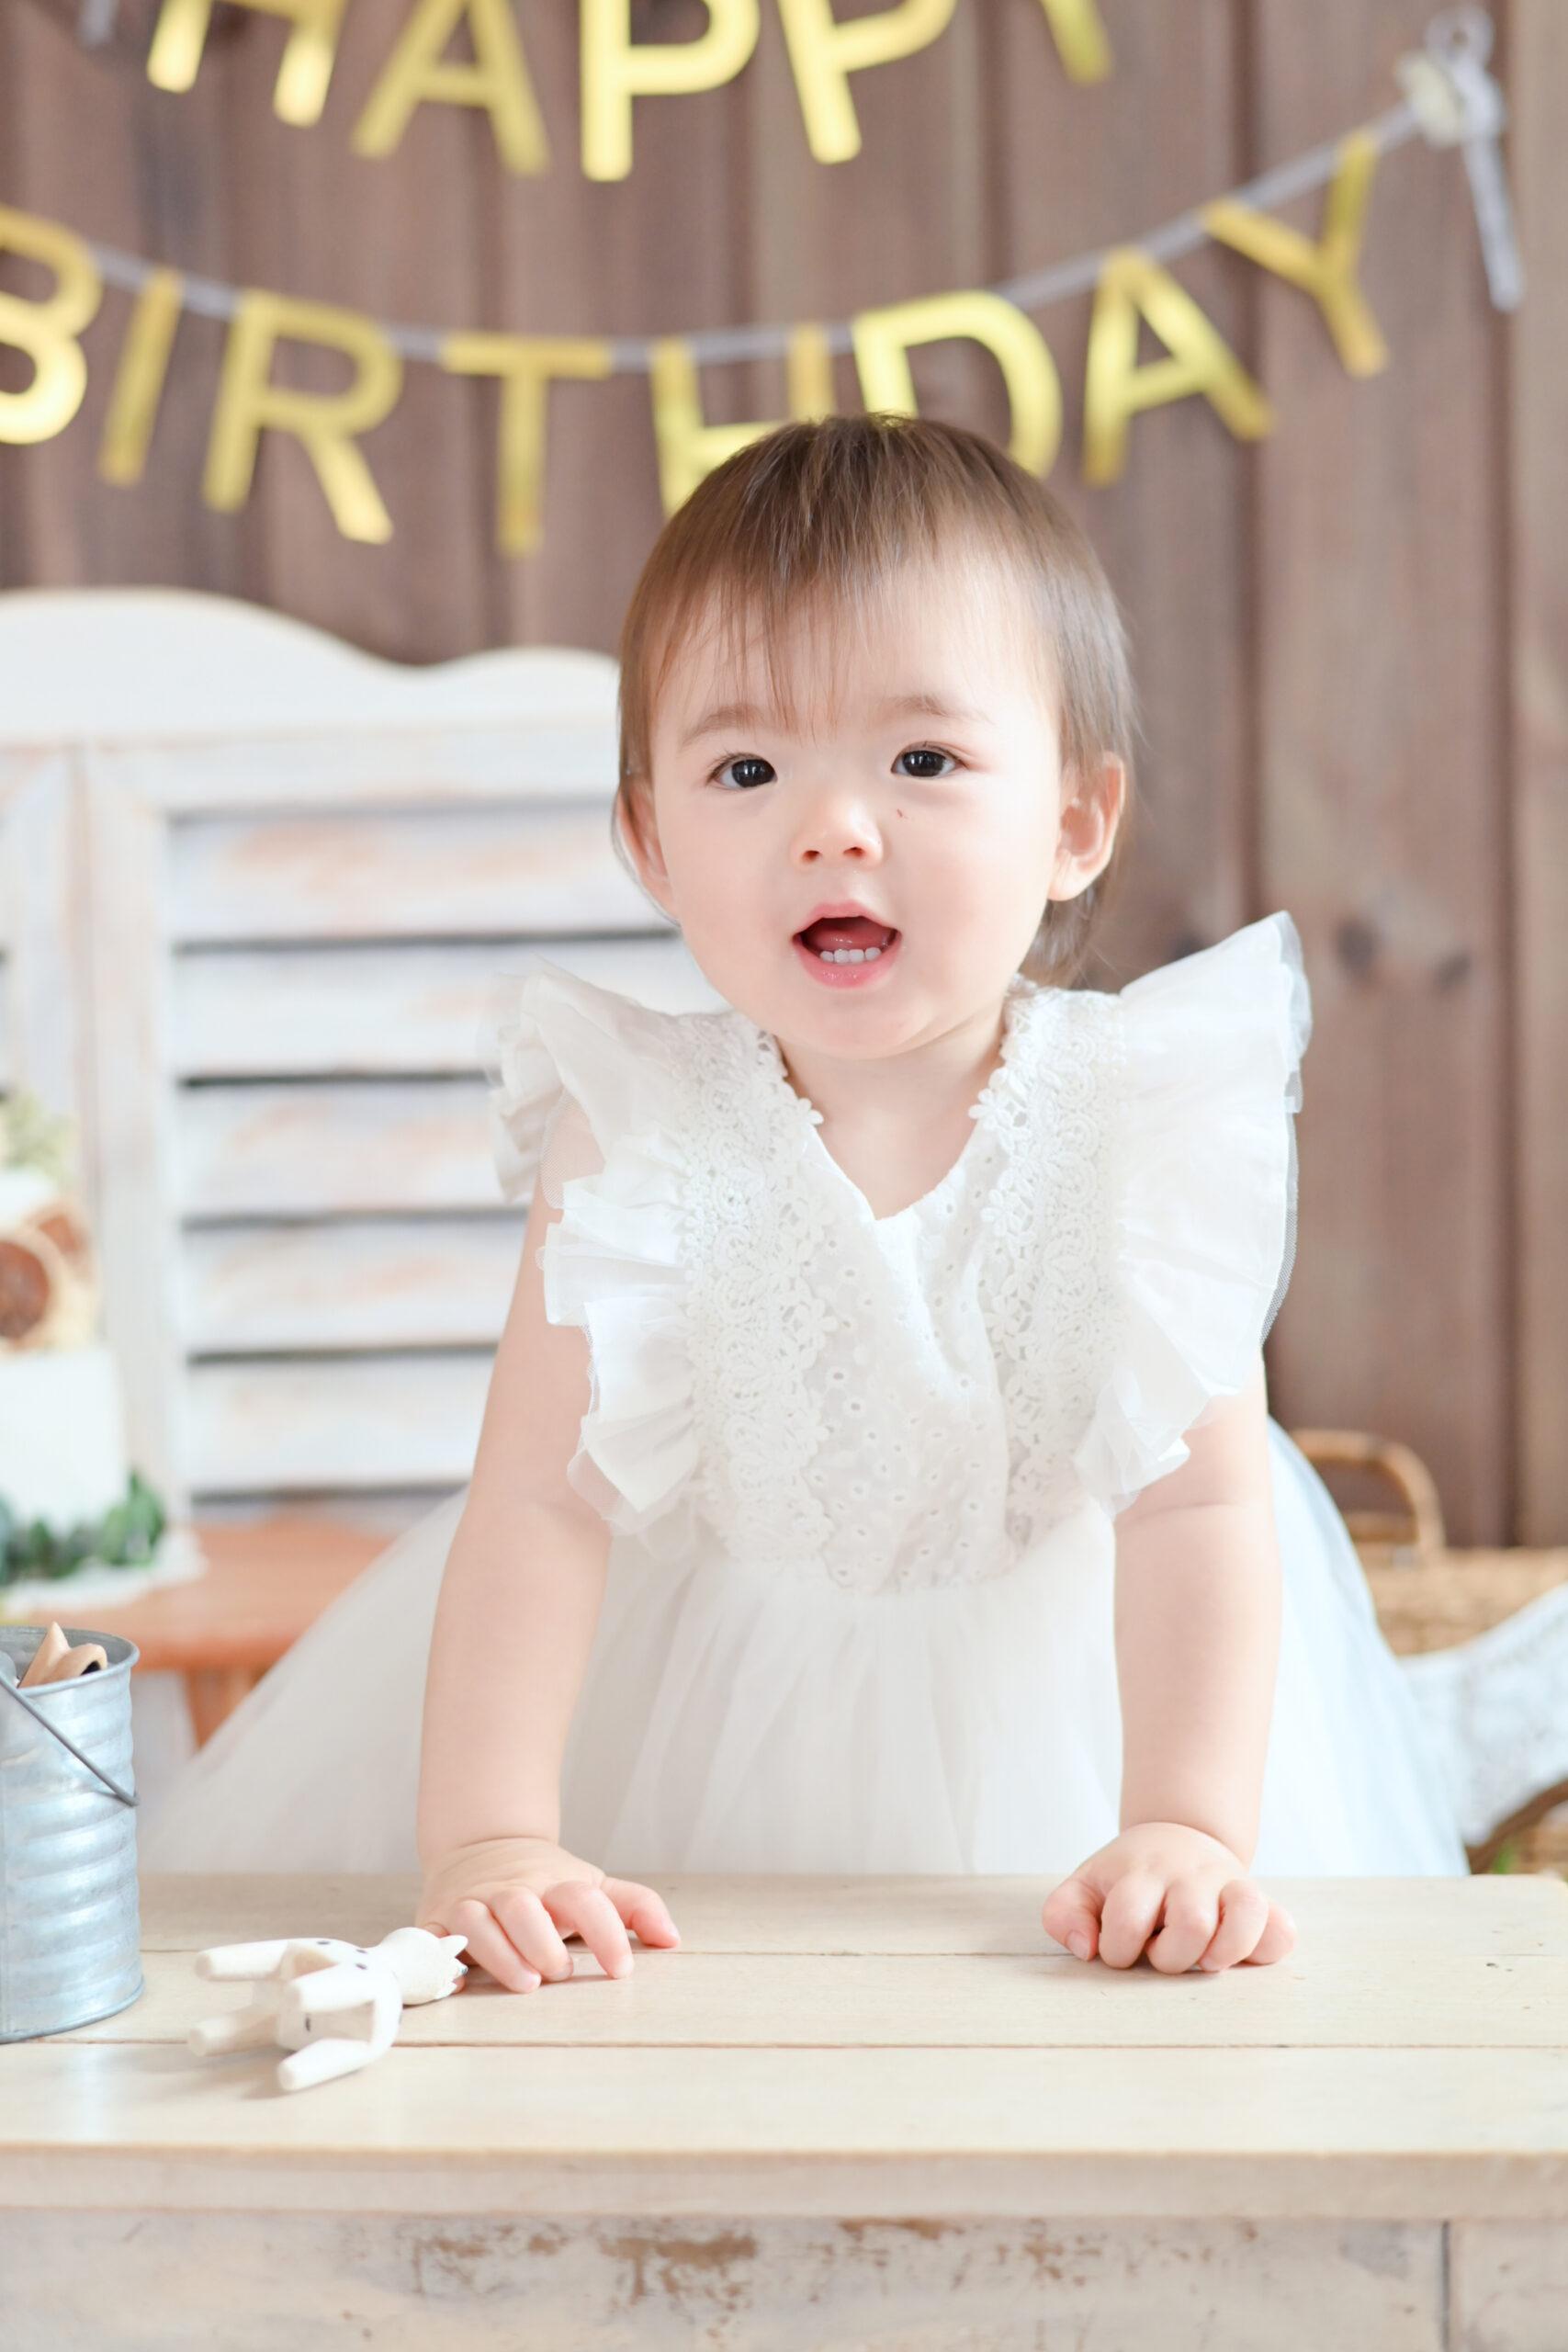 1歳 誕生日 女の子 おめでとう 宇都宮フォトスタジオ フォトジェニックサクラスタジオ